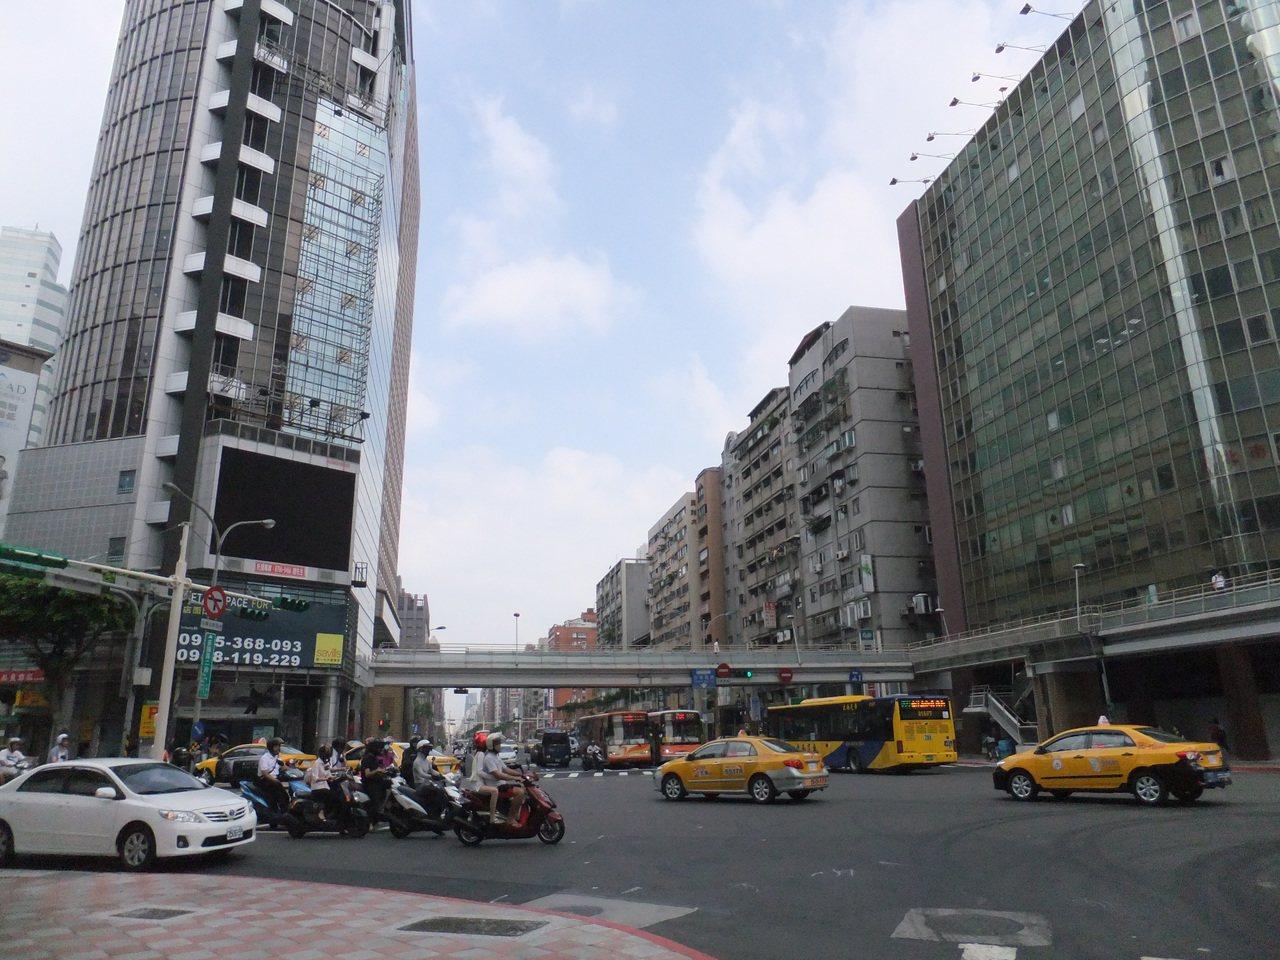 台北市公布最新住宅價格指數,蛋黃區指數跌破基期100,降至99.1。記者游智文/...